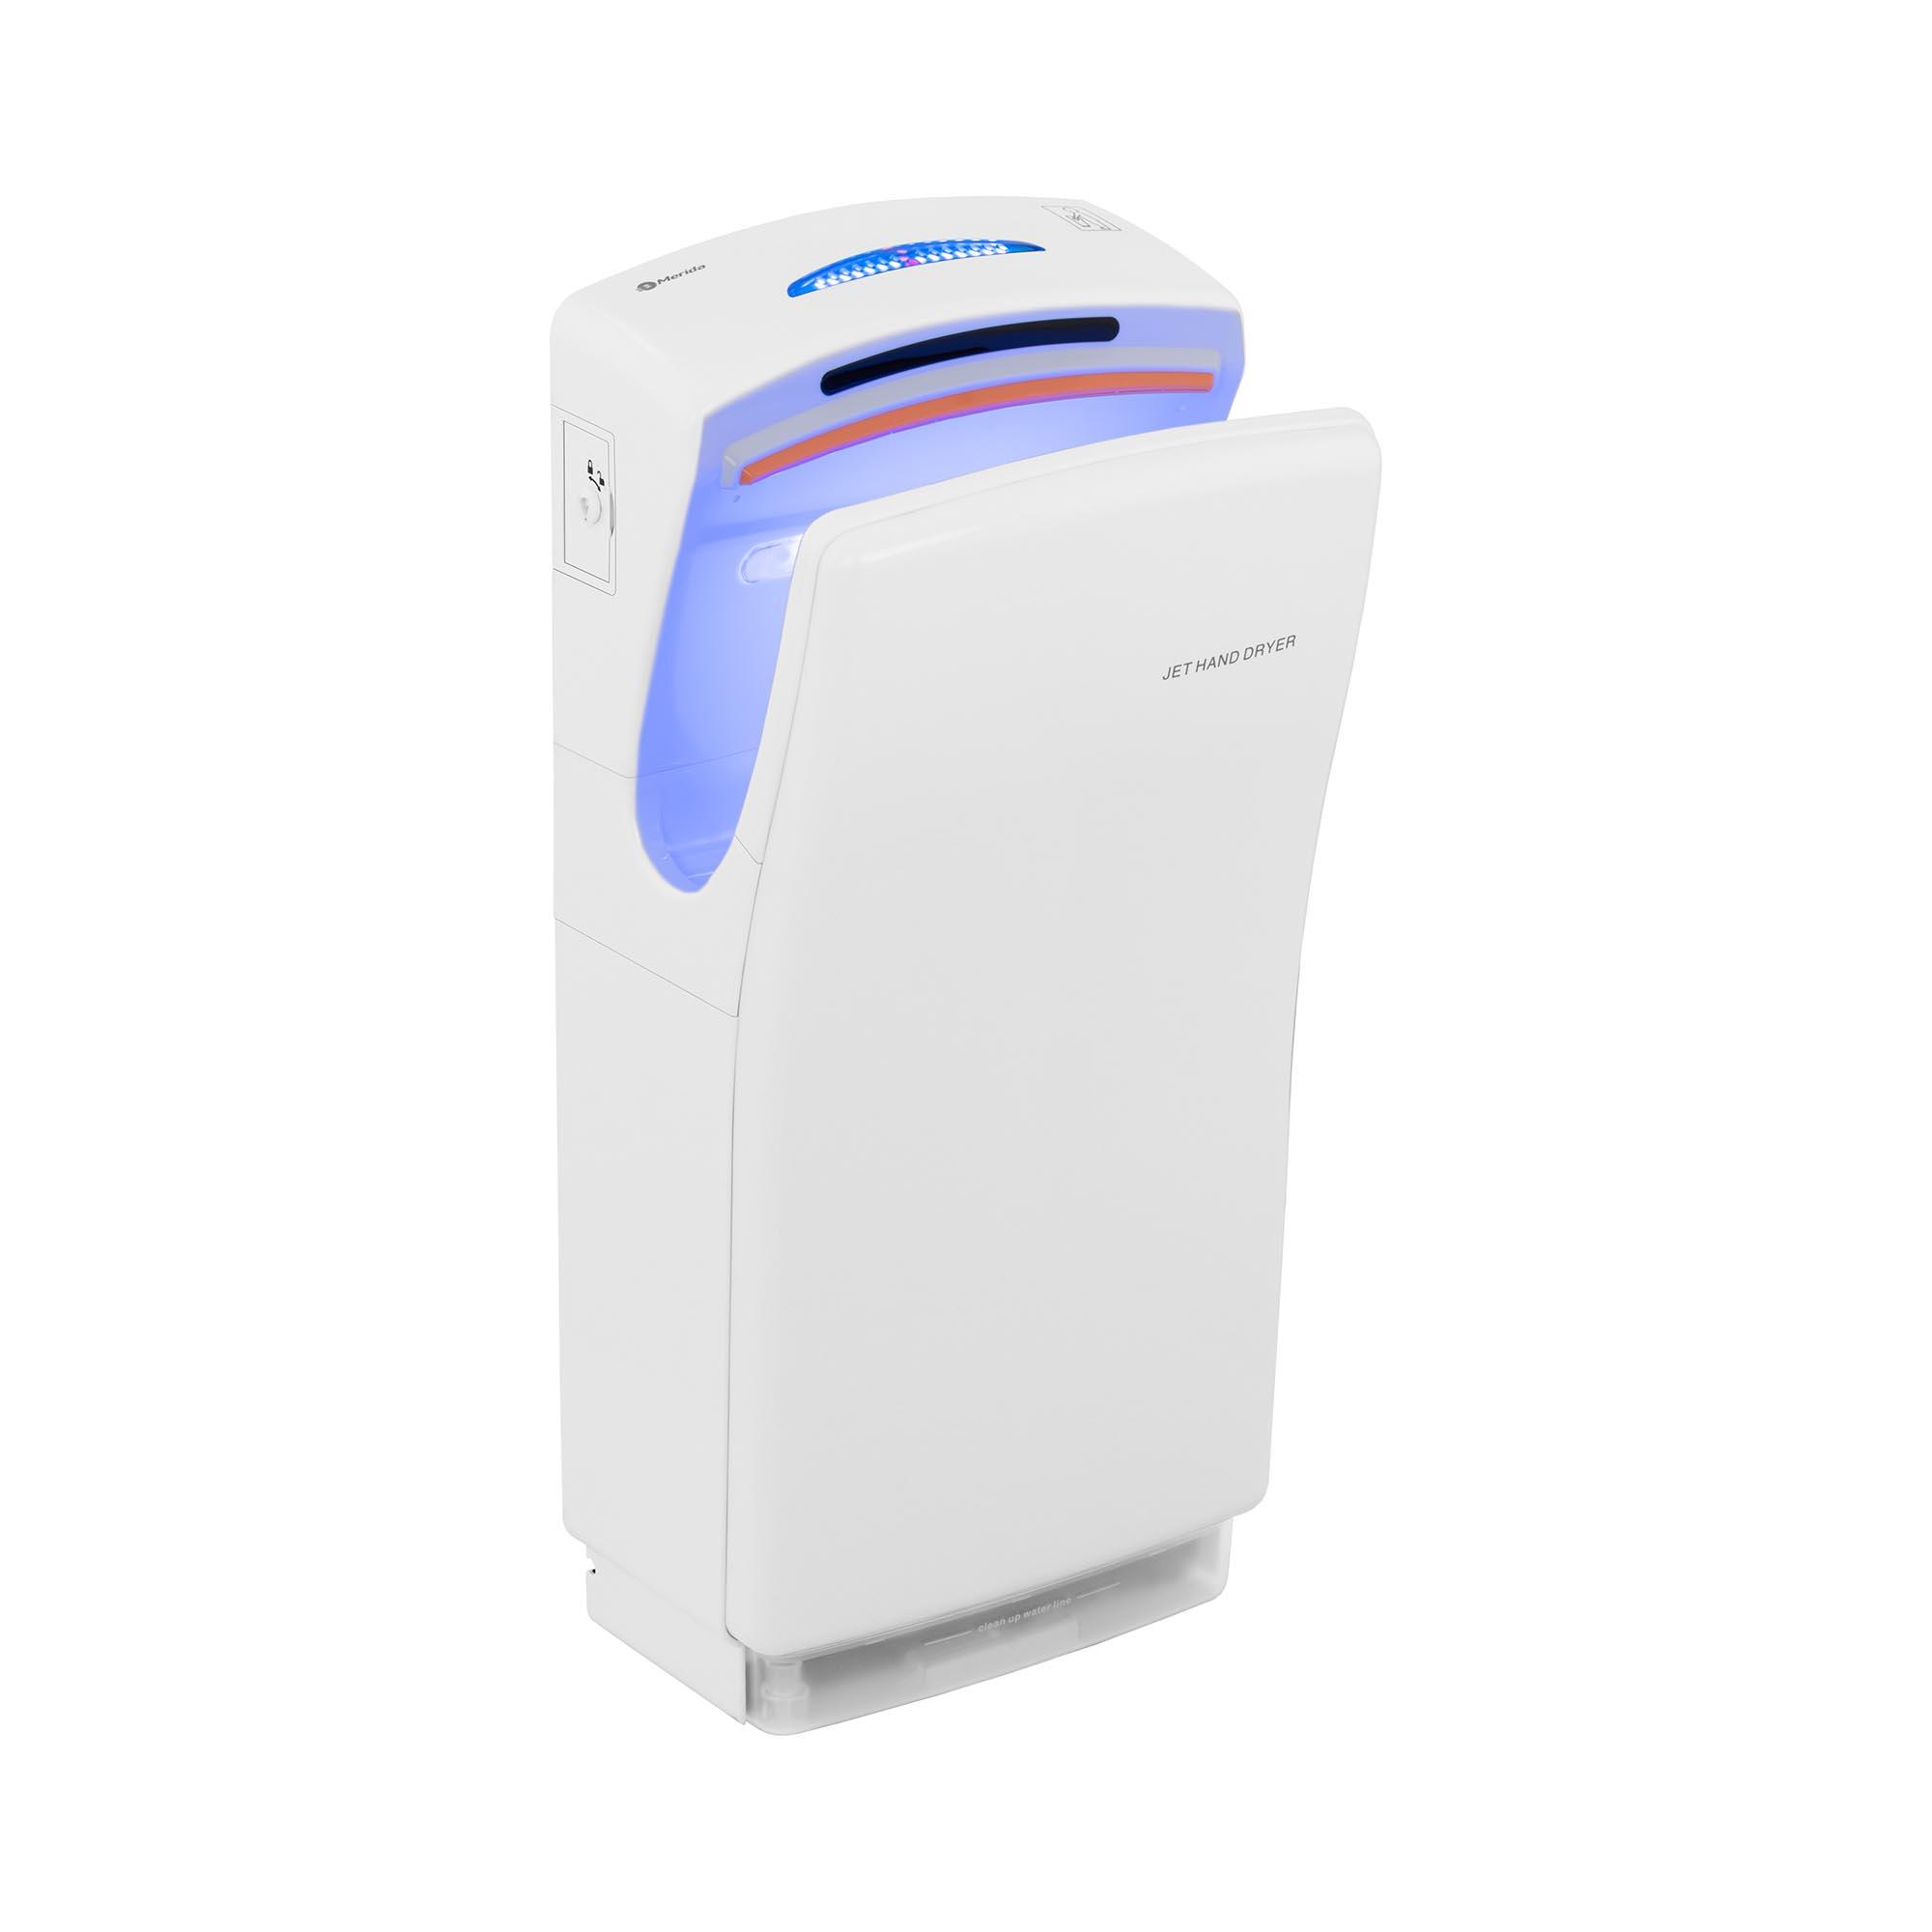 Merida Händetrockner - elektrisch - 1.400 W / 700 W - weiß 10290002